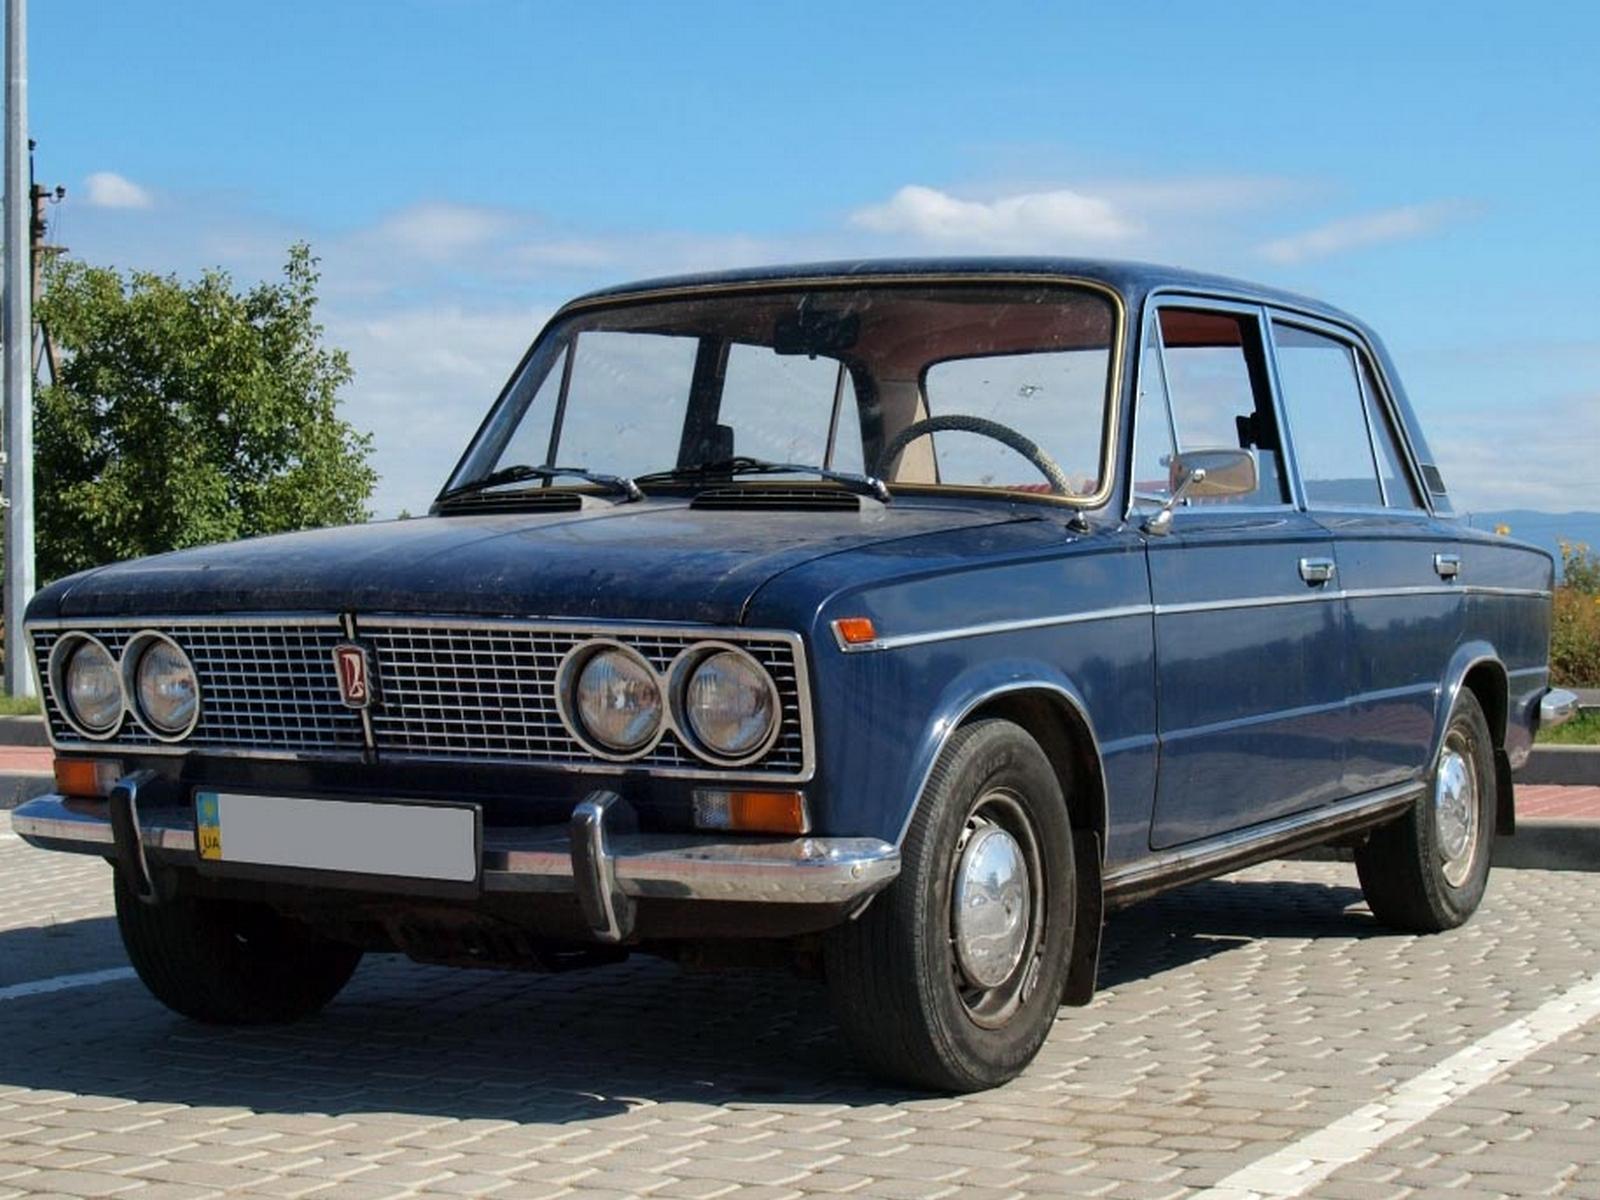 ВАЗ-2103 1973 года выпуска с номером кузова №002602. Автомобиль не  реставрировался